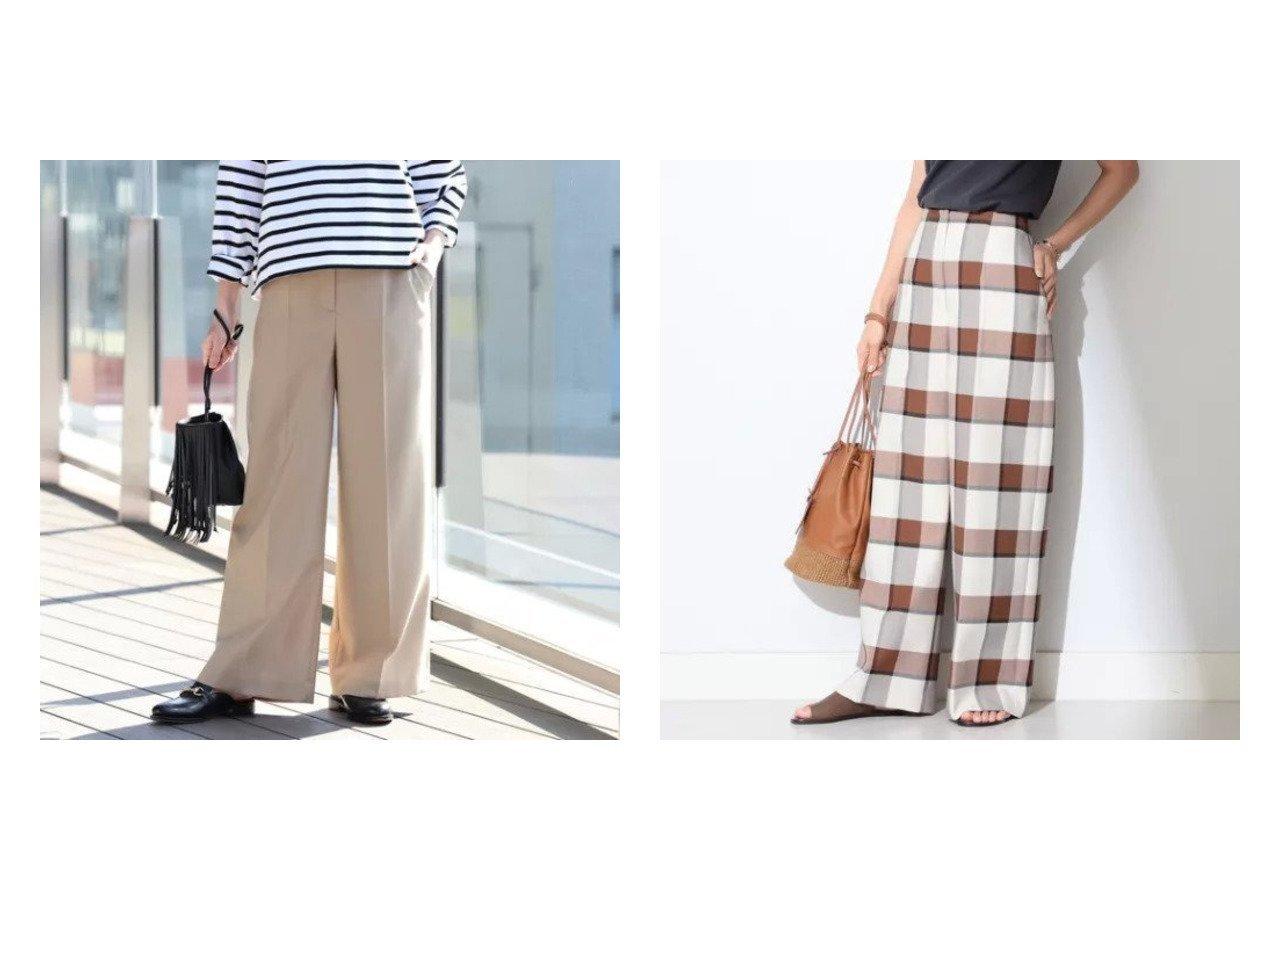 【Demi-Luxe BEAMS/デミルクス ビームス】のDemi- チェック ワイドパンツ&Demi- ツイル ワイドパンツ パンツのおすすめ!人気、トレンド・レディースファッションの通販 おすすめで人気の流行・トレンド、ファッションの通販商品 メンズファッション・キッズファッション・インテリア・家具・レディースファッション・服の通販 founy(ファニー) https://founy.com/ ファッション Fashion レディースファッション WOMEN パンツ Pants ジャケット センター ツイル ワイド |ID:crp329100000024691